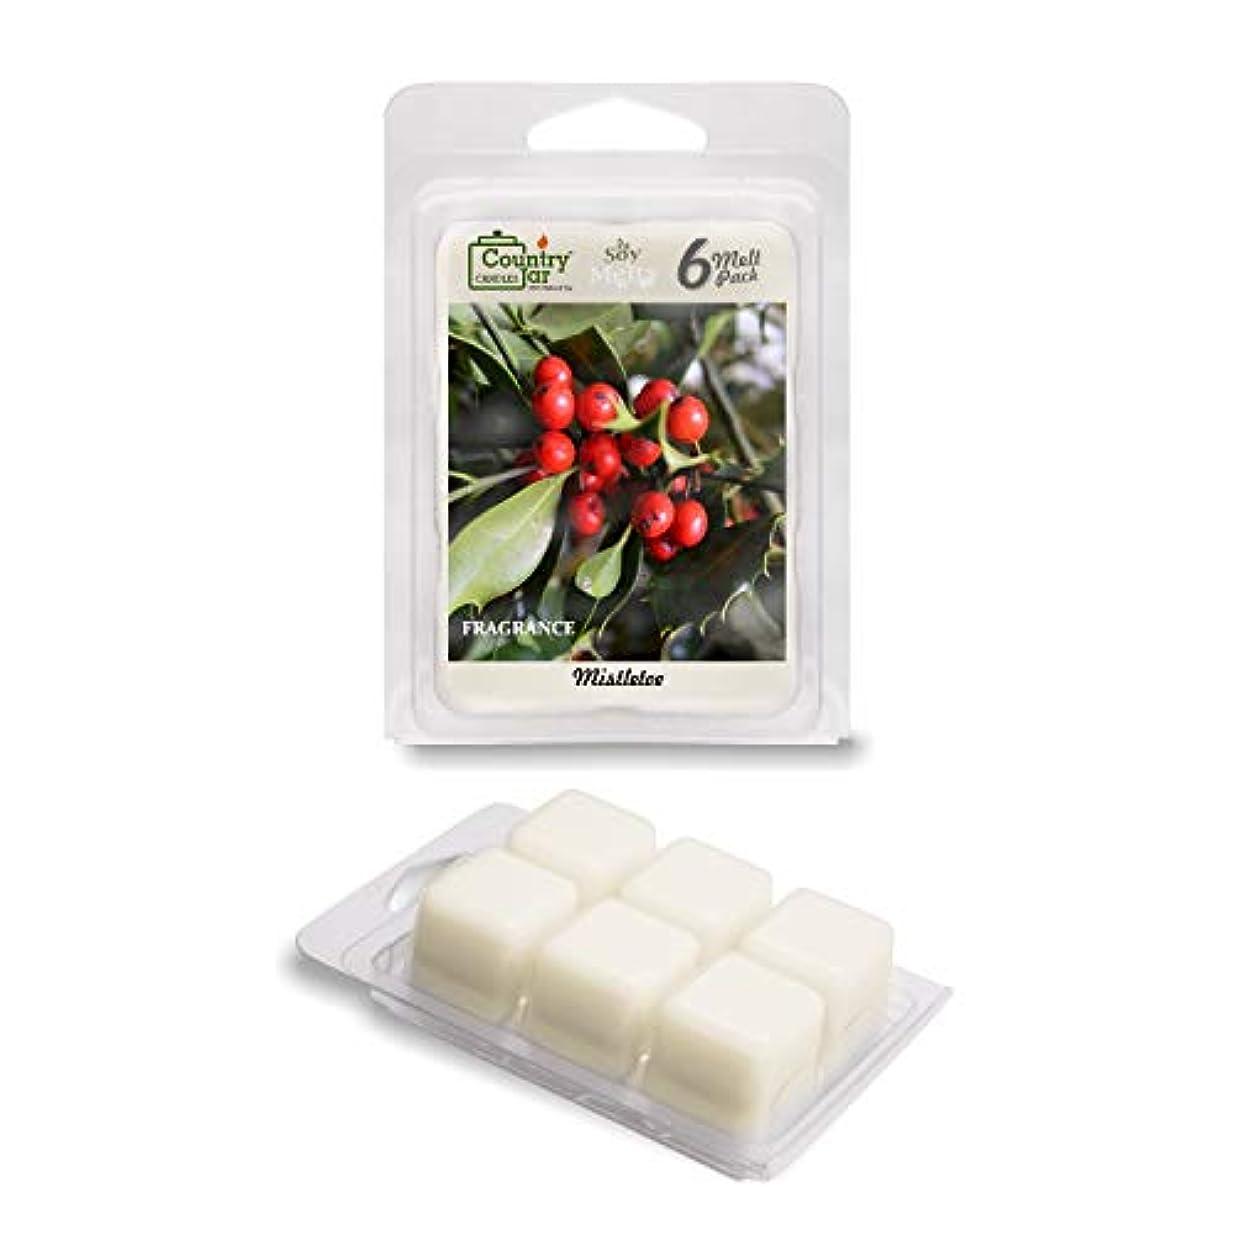 したいロケーション振り向くNature 's Best大豆キャンドルby国Jar Candle Co。 Wax Melts (WM) MDL-SM103